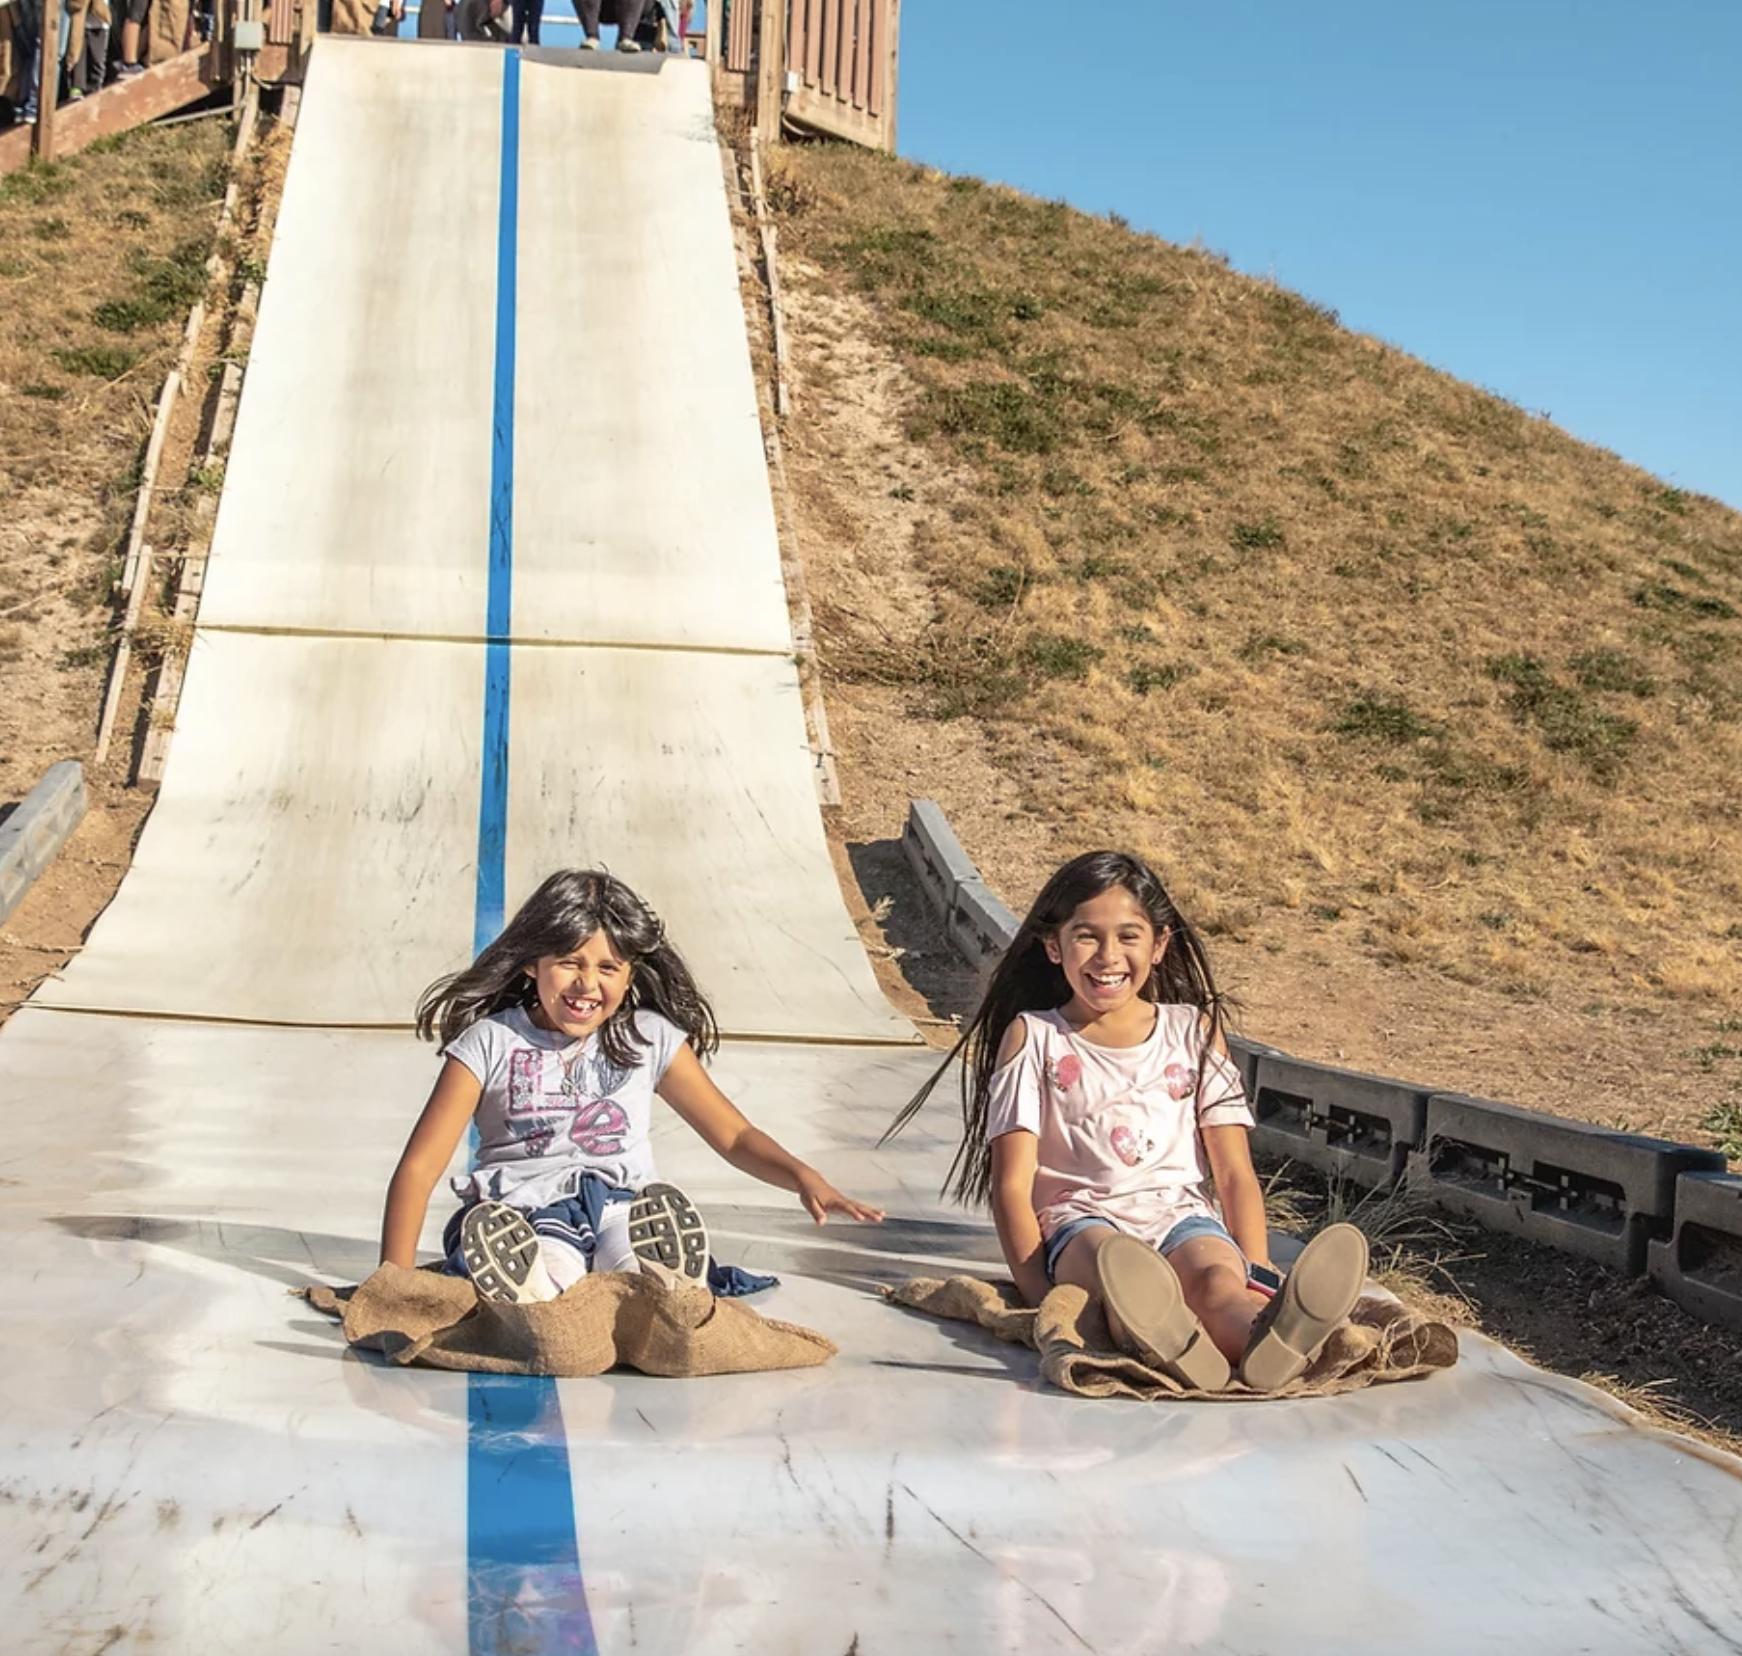 Two girls sliding down slide at Fritzler Farm